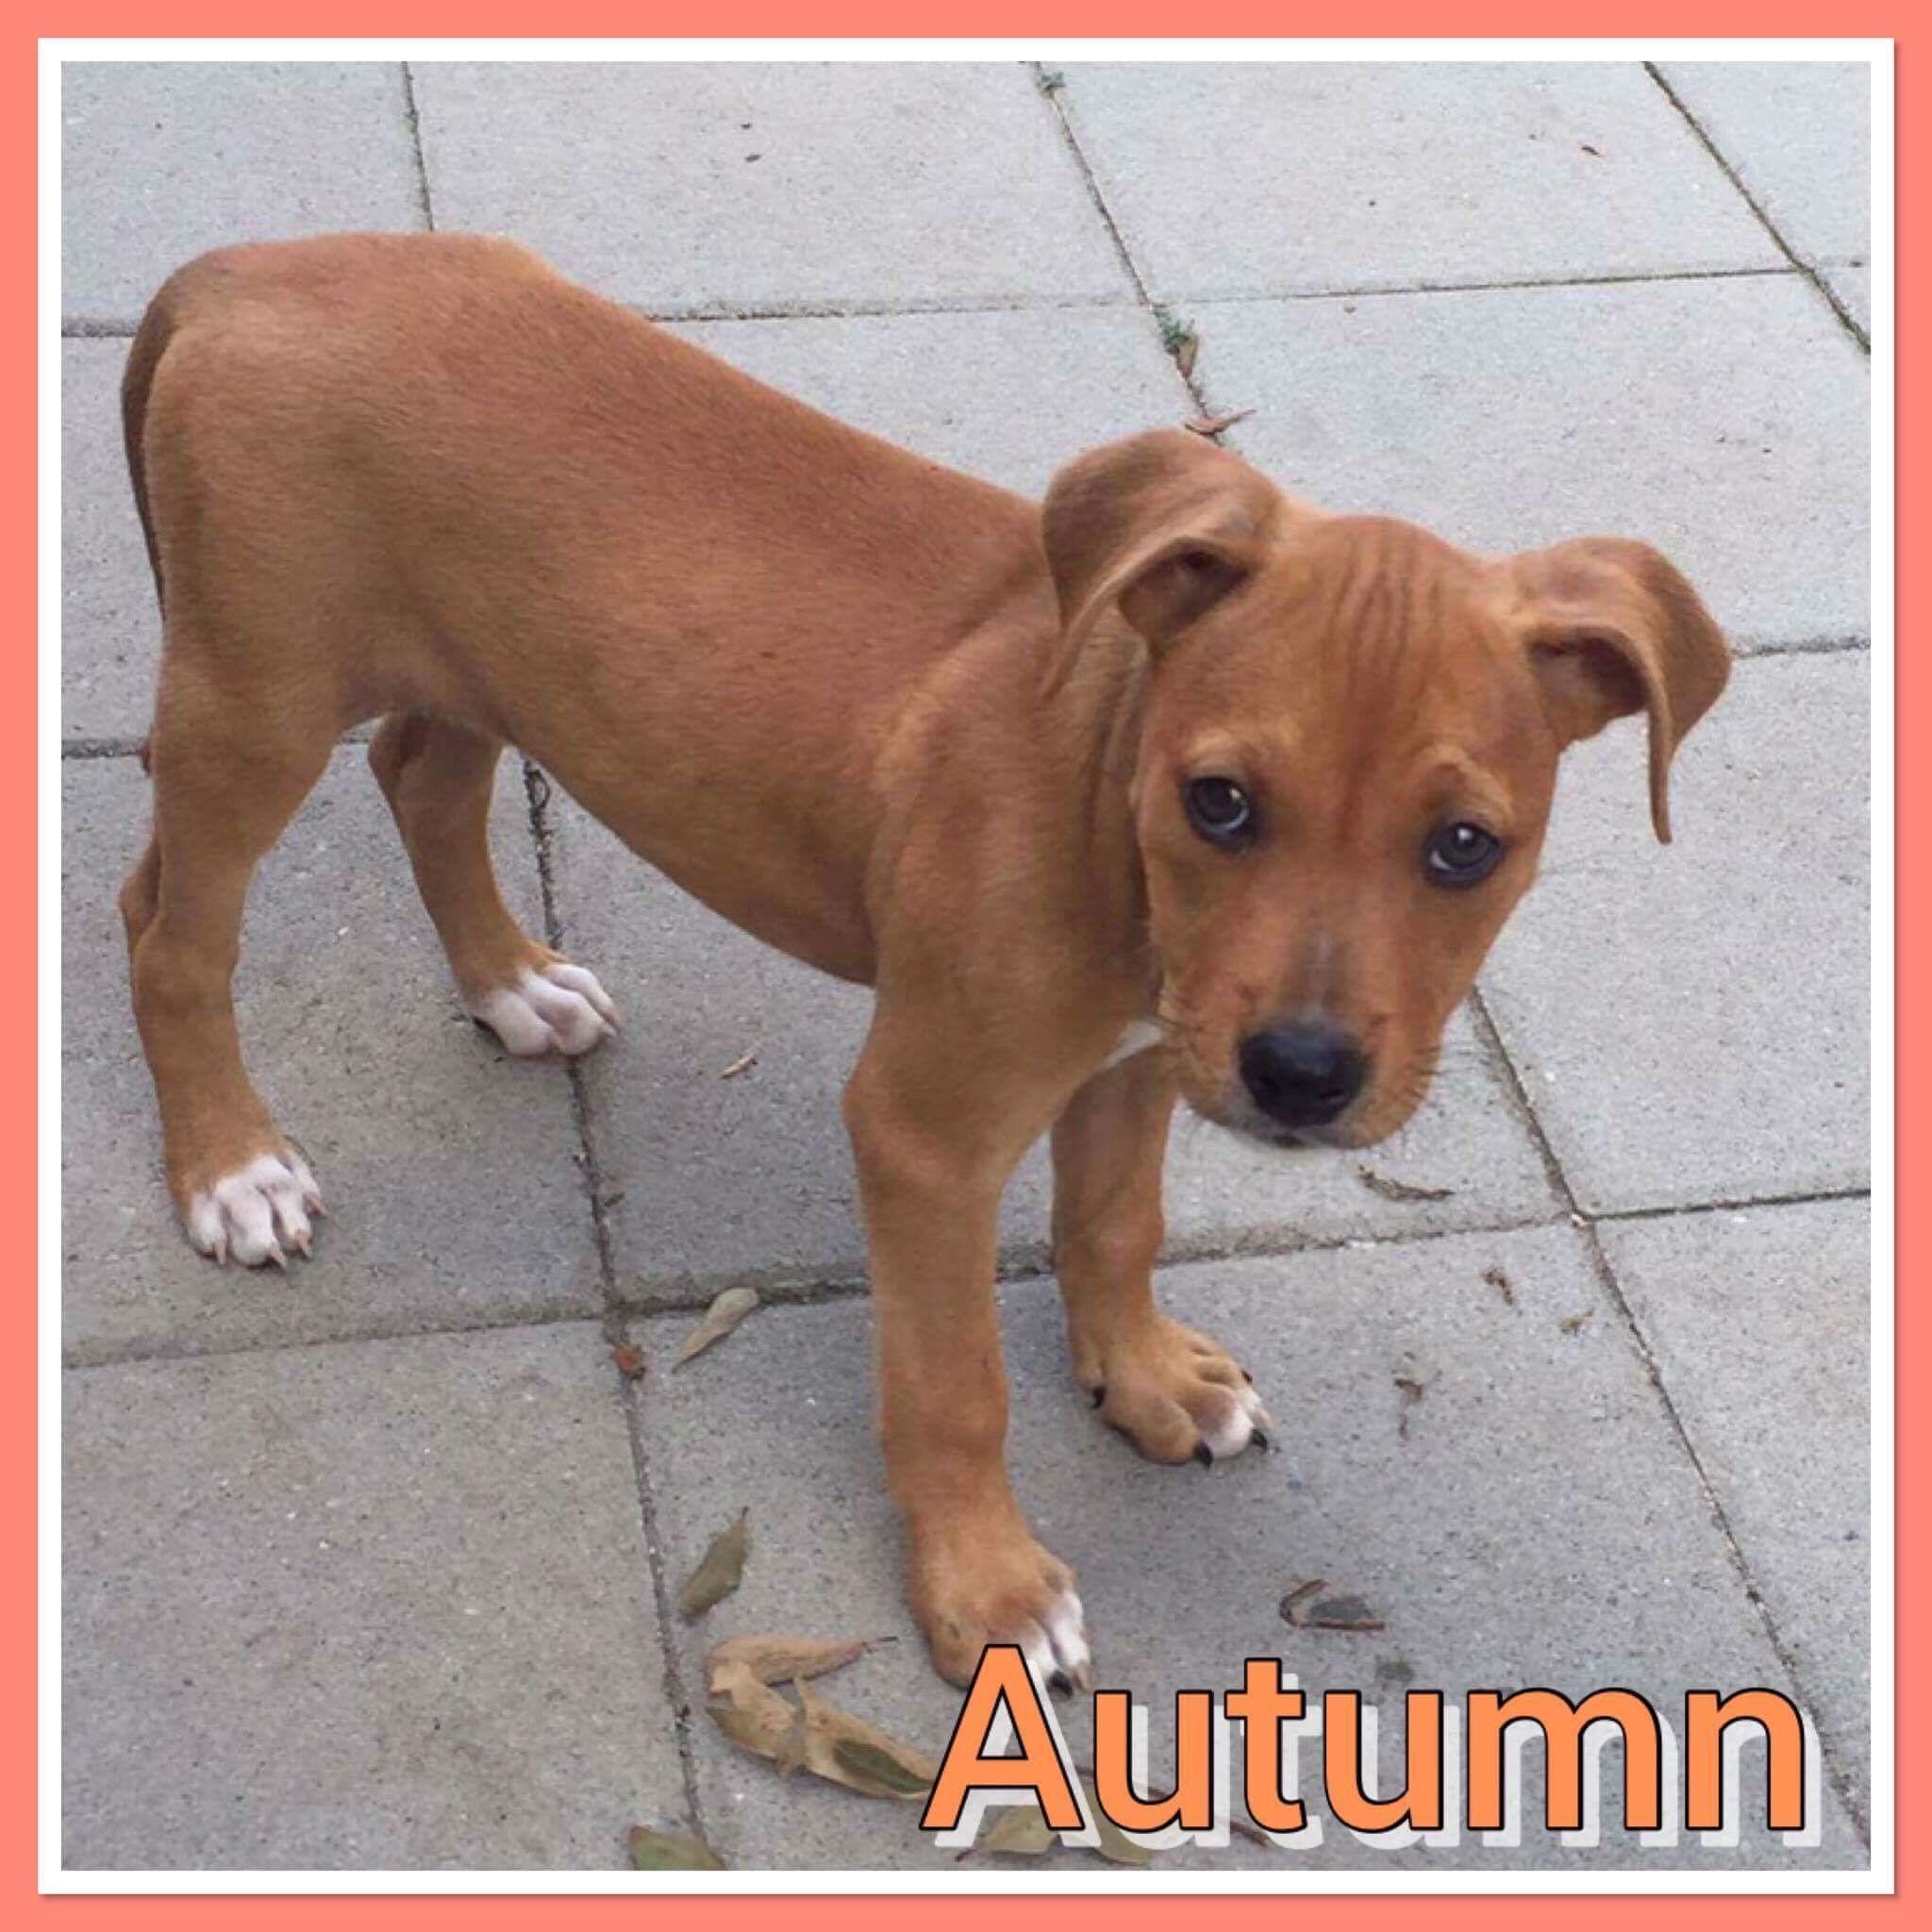 Bullboxer Pit Dog For Adoption In Pomfret Ct Adn 667215 On Puppyfinder Com Gender Female Age Baby Pit Dog Dog Adoption Dogs